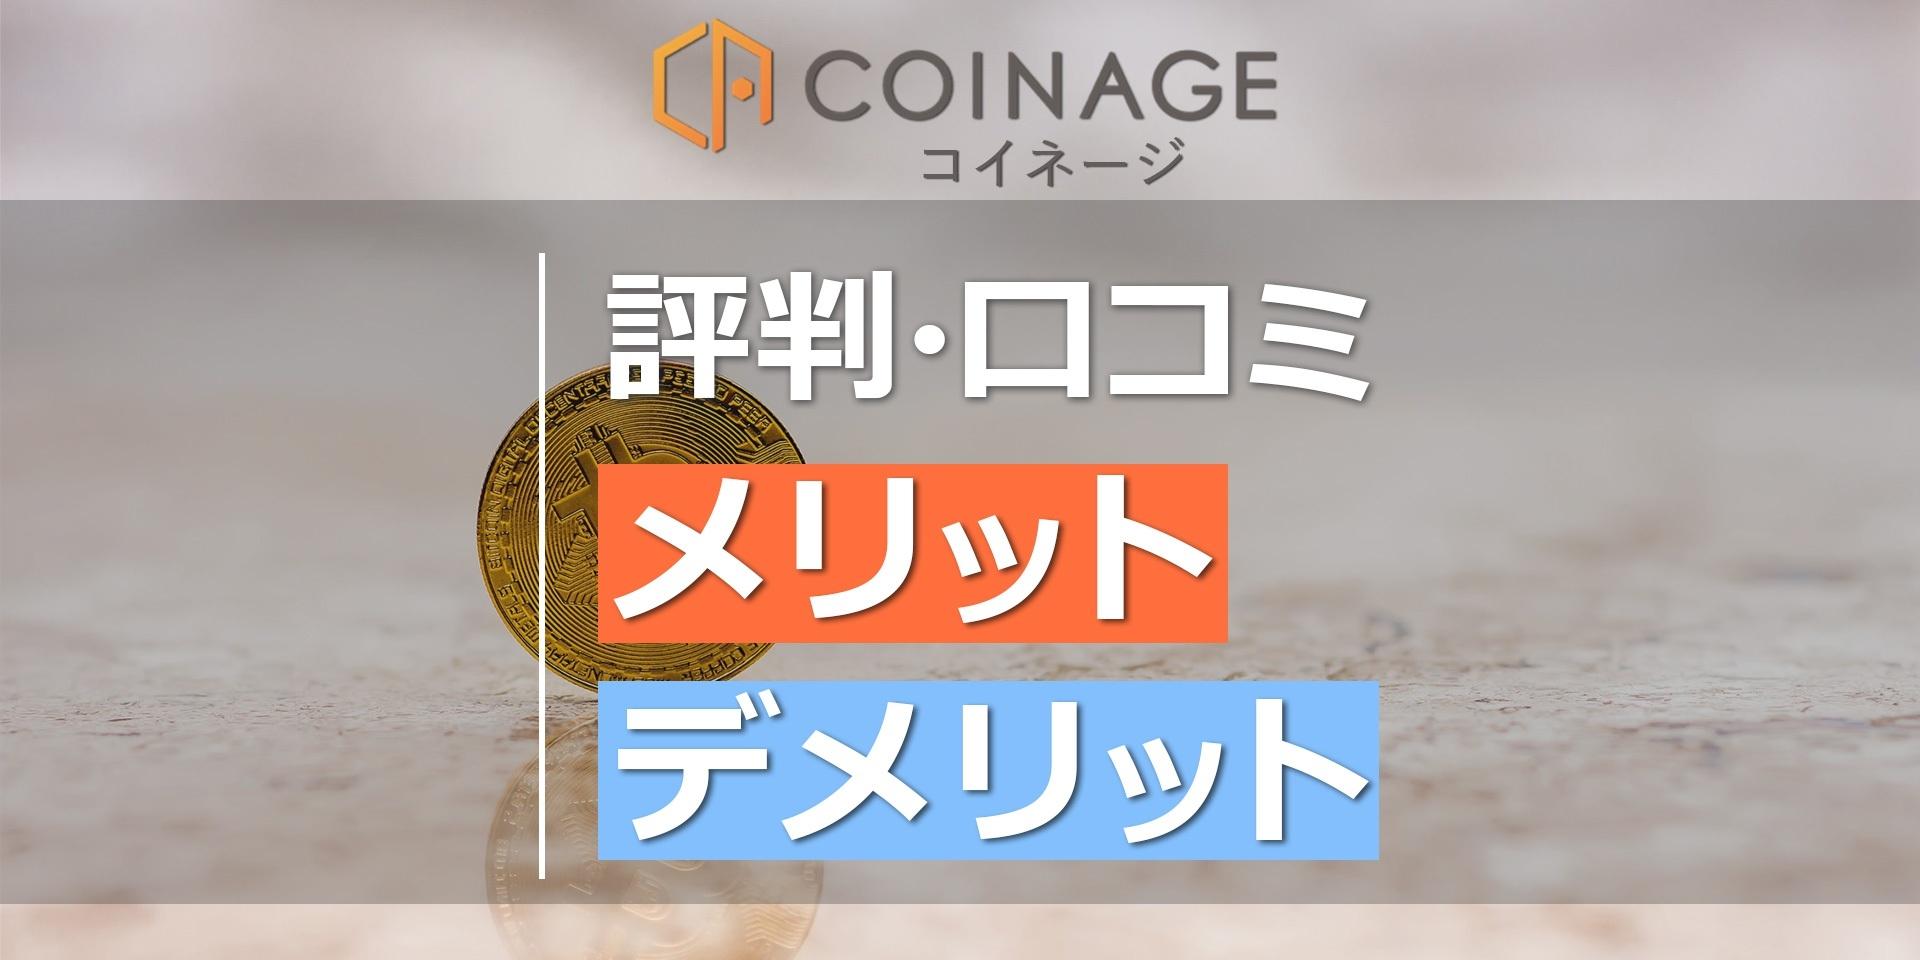 コイネージ(COINAGE)の評判、口コミ、メリット、デメリットを紹介